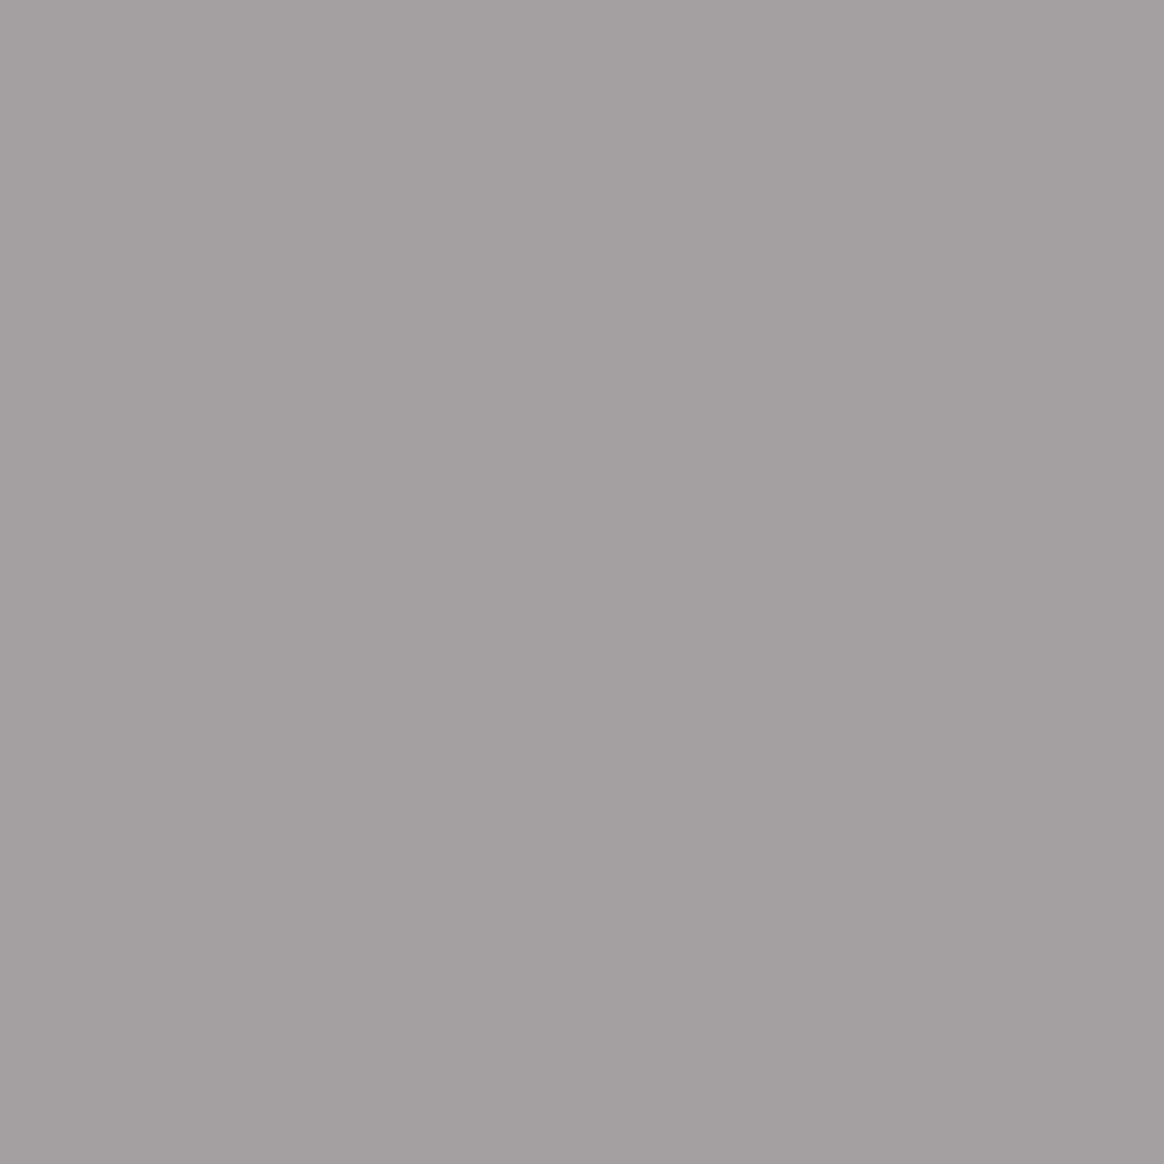 Gray thumbnail